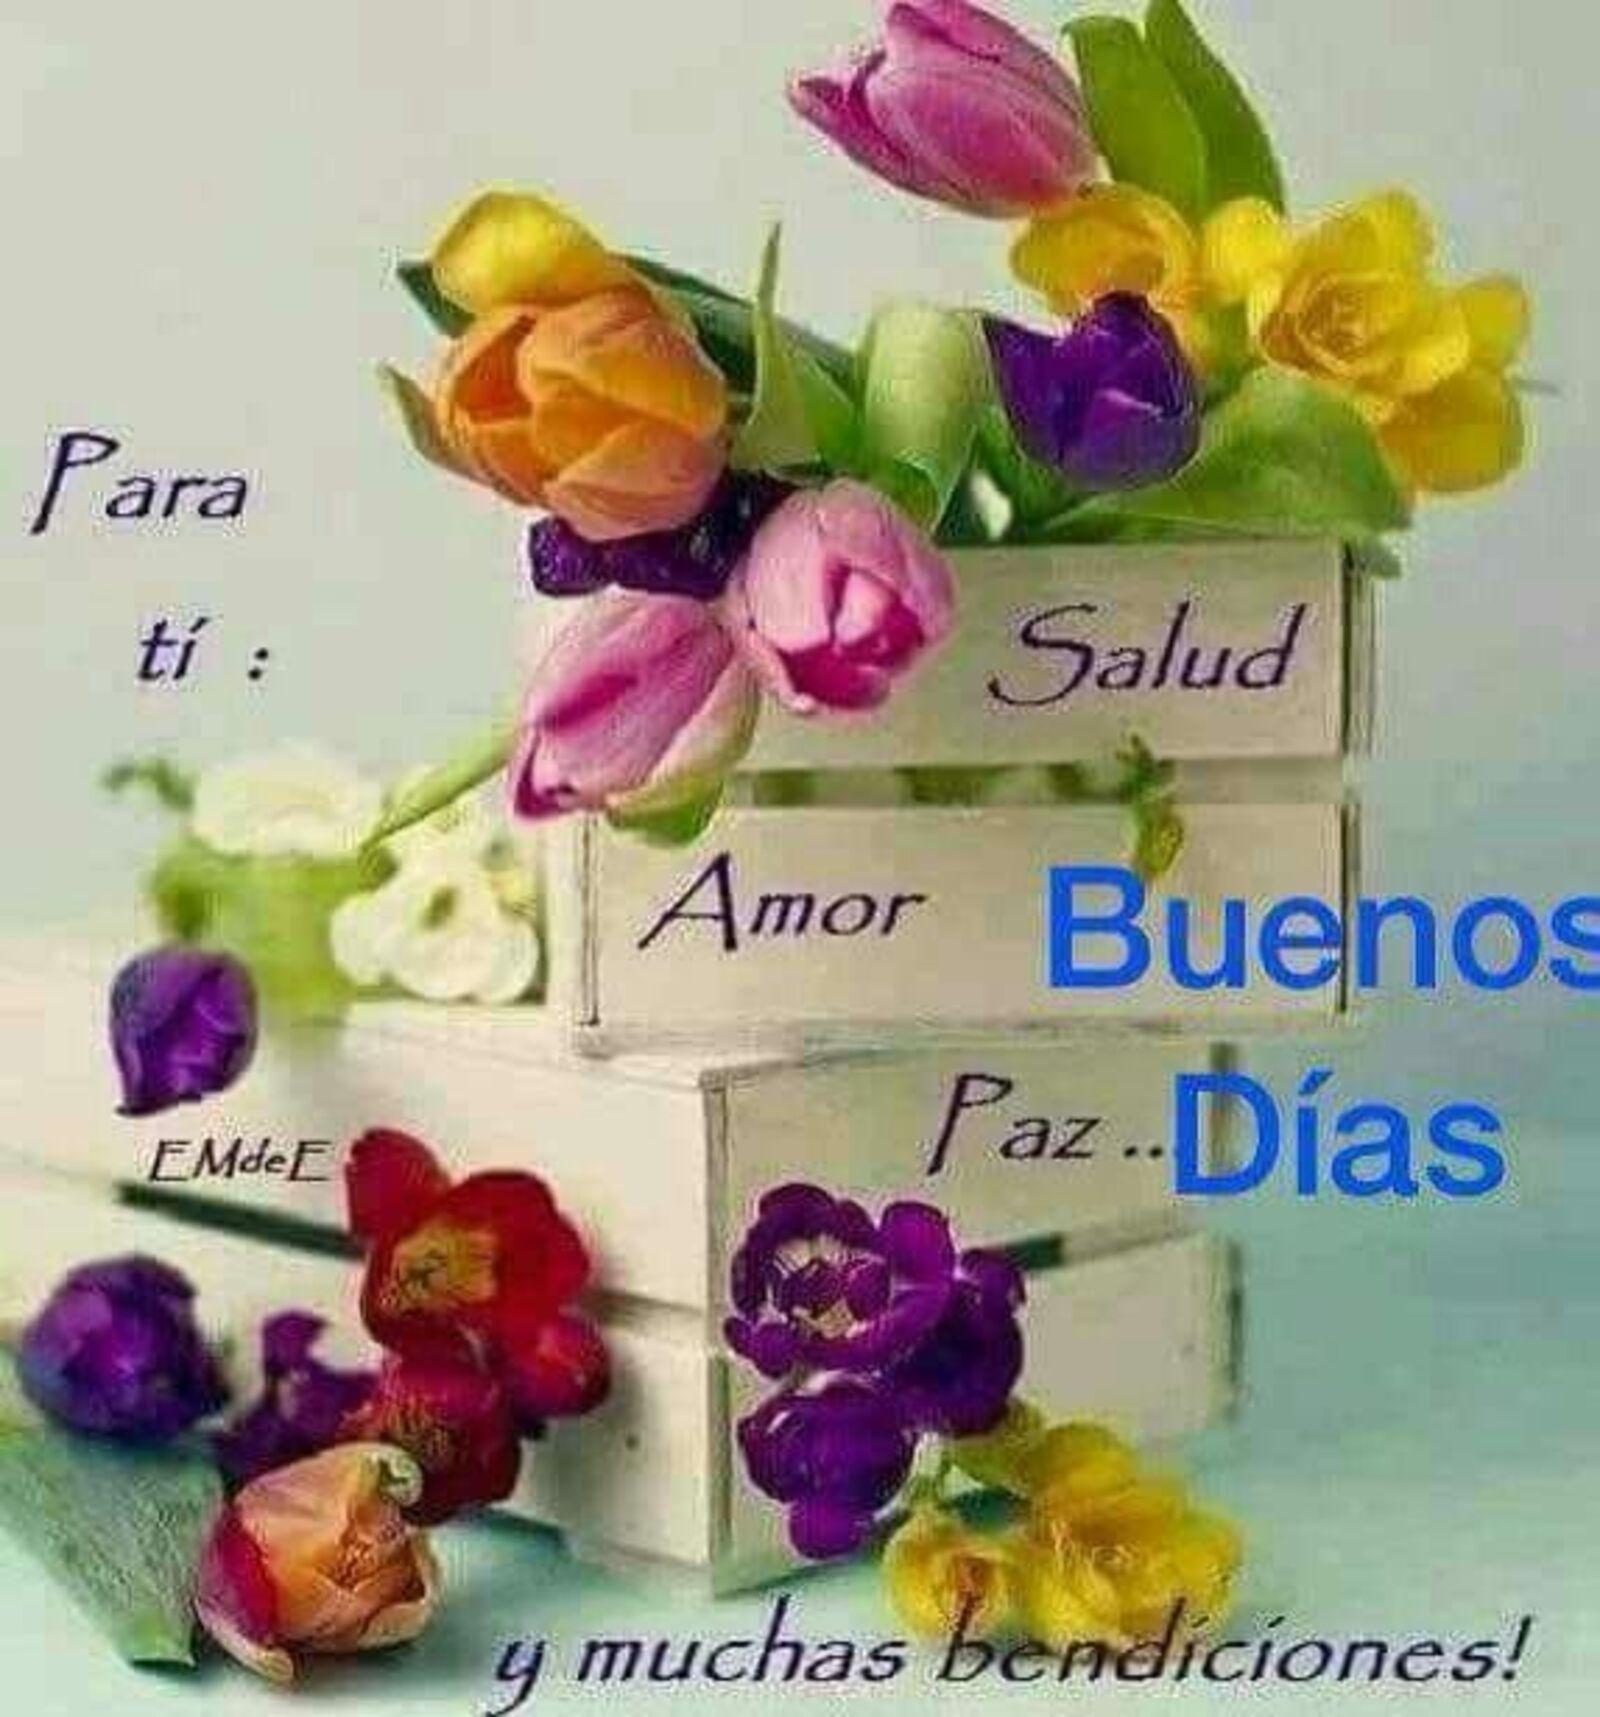 Para ti: Salud, Amor, Paz...Buenos días y muchos bendiciones